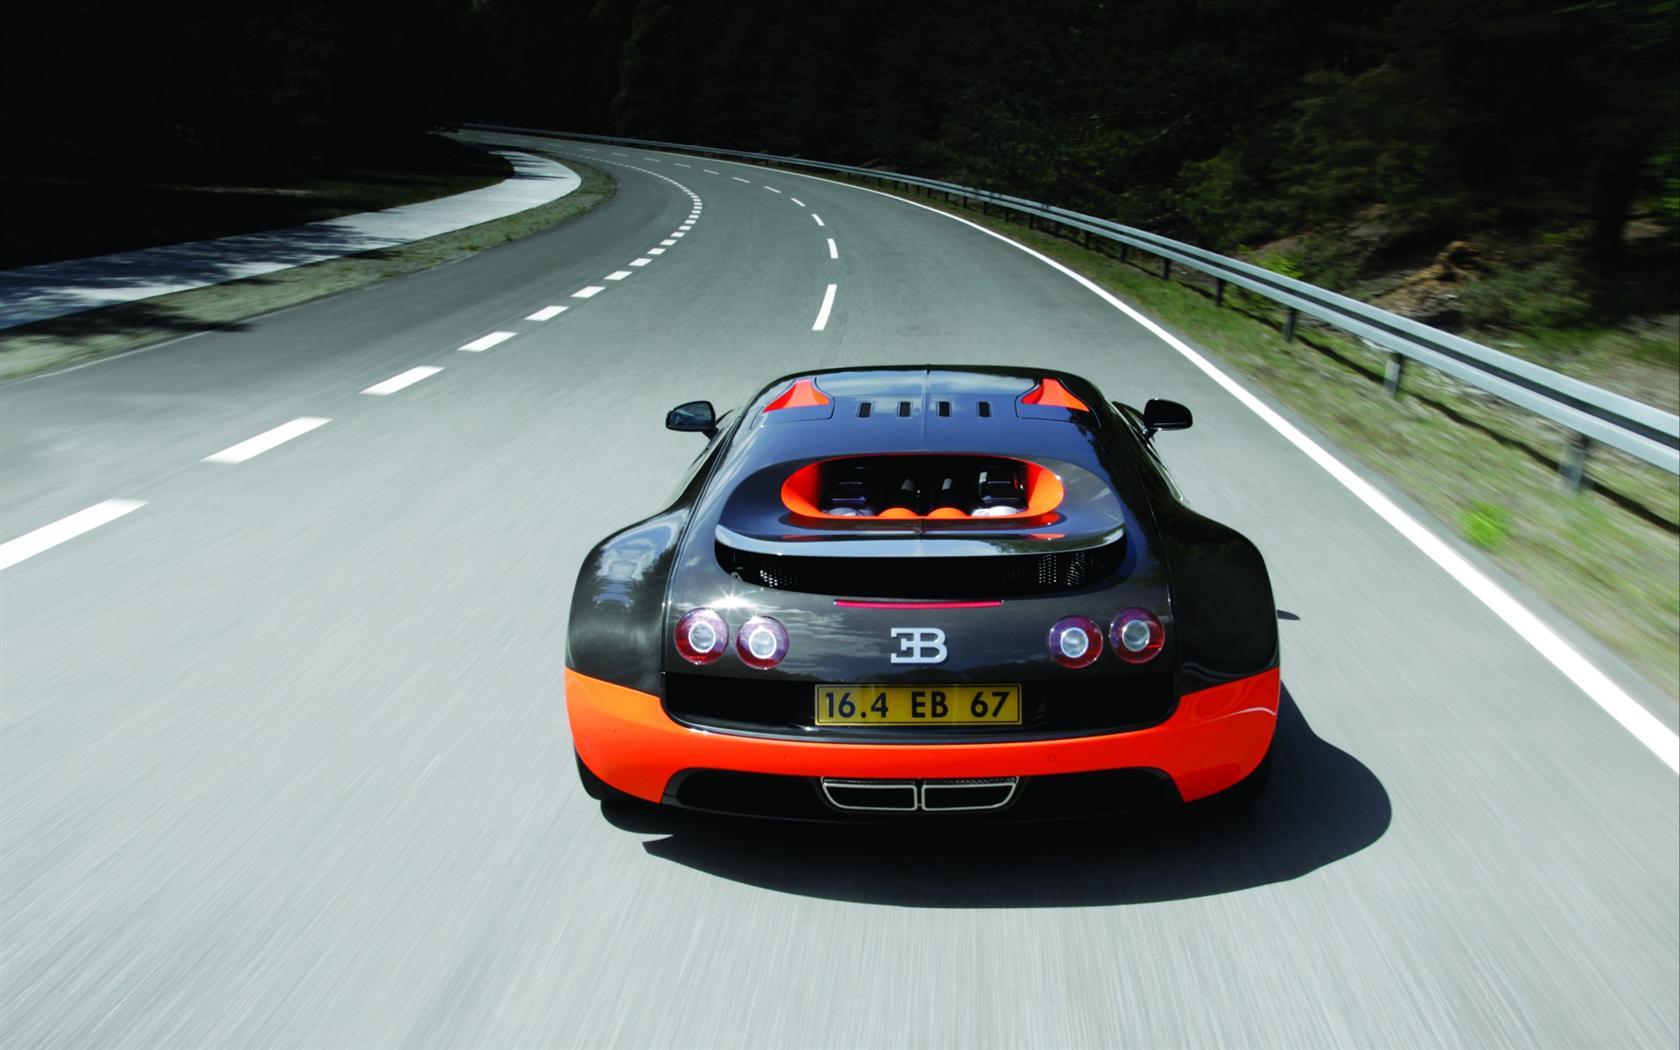 Superbe Bugatti Veyron Crystal Nature Sea Car 2014 | El Tony